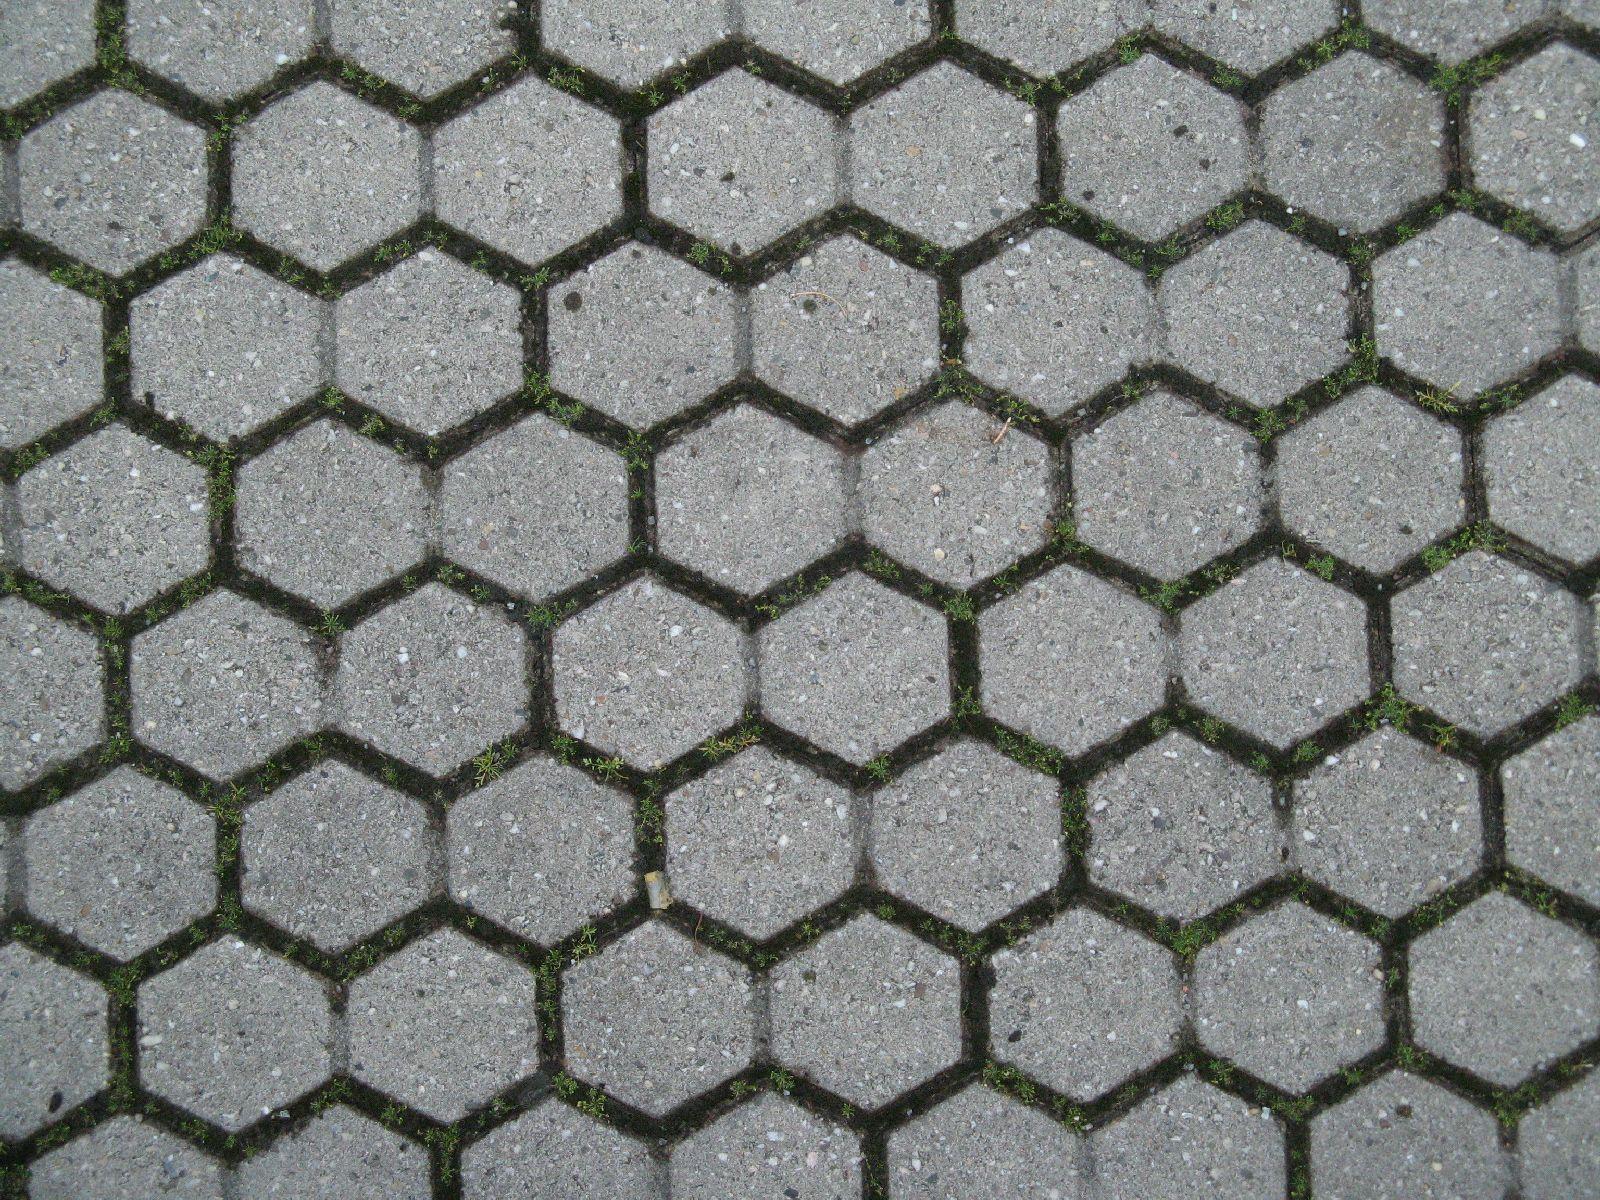 Boden-Gehweg-Strasse-Buergersteig-Textur_B_1081